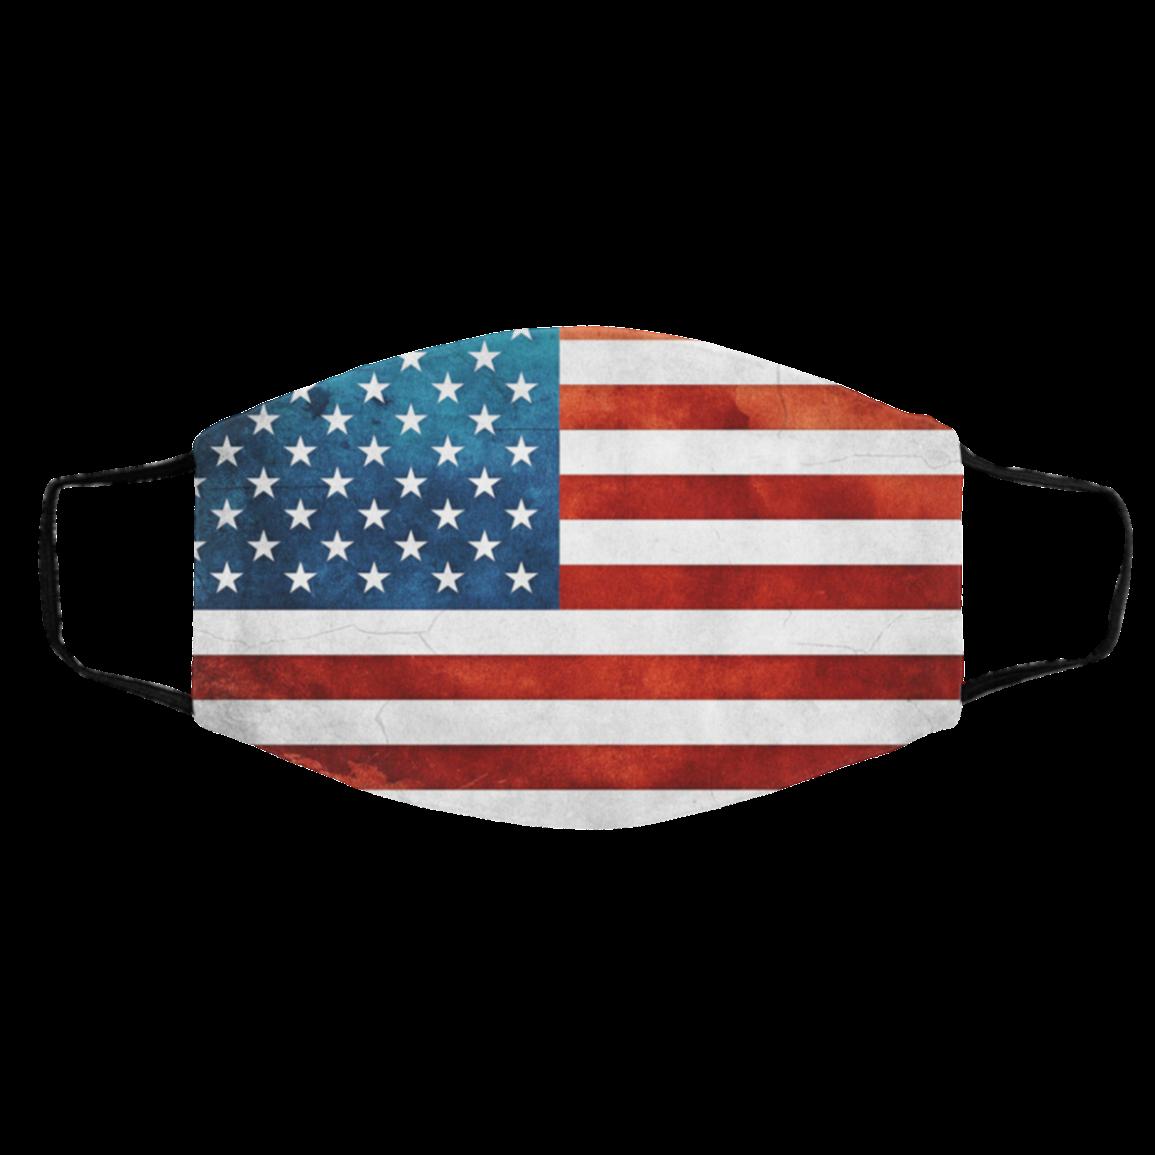 2020 AMER-ICAN FLAG GRU-NGE BACK-GROUND CLOTH FACE MASKS